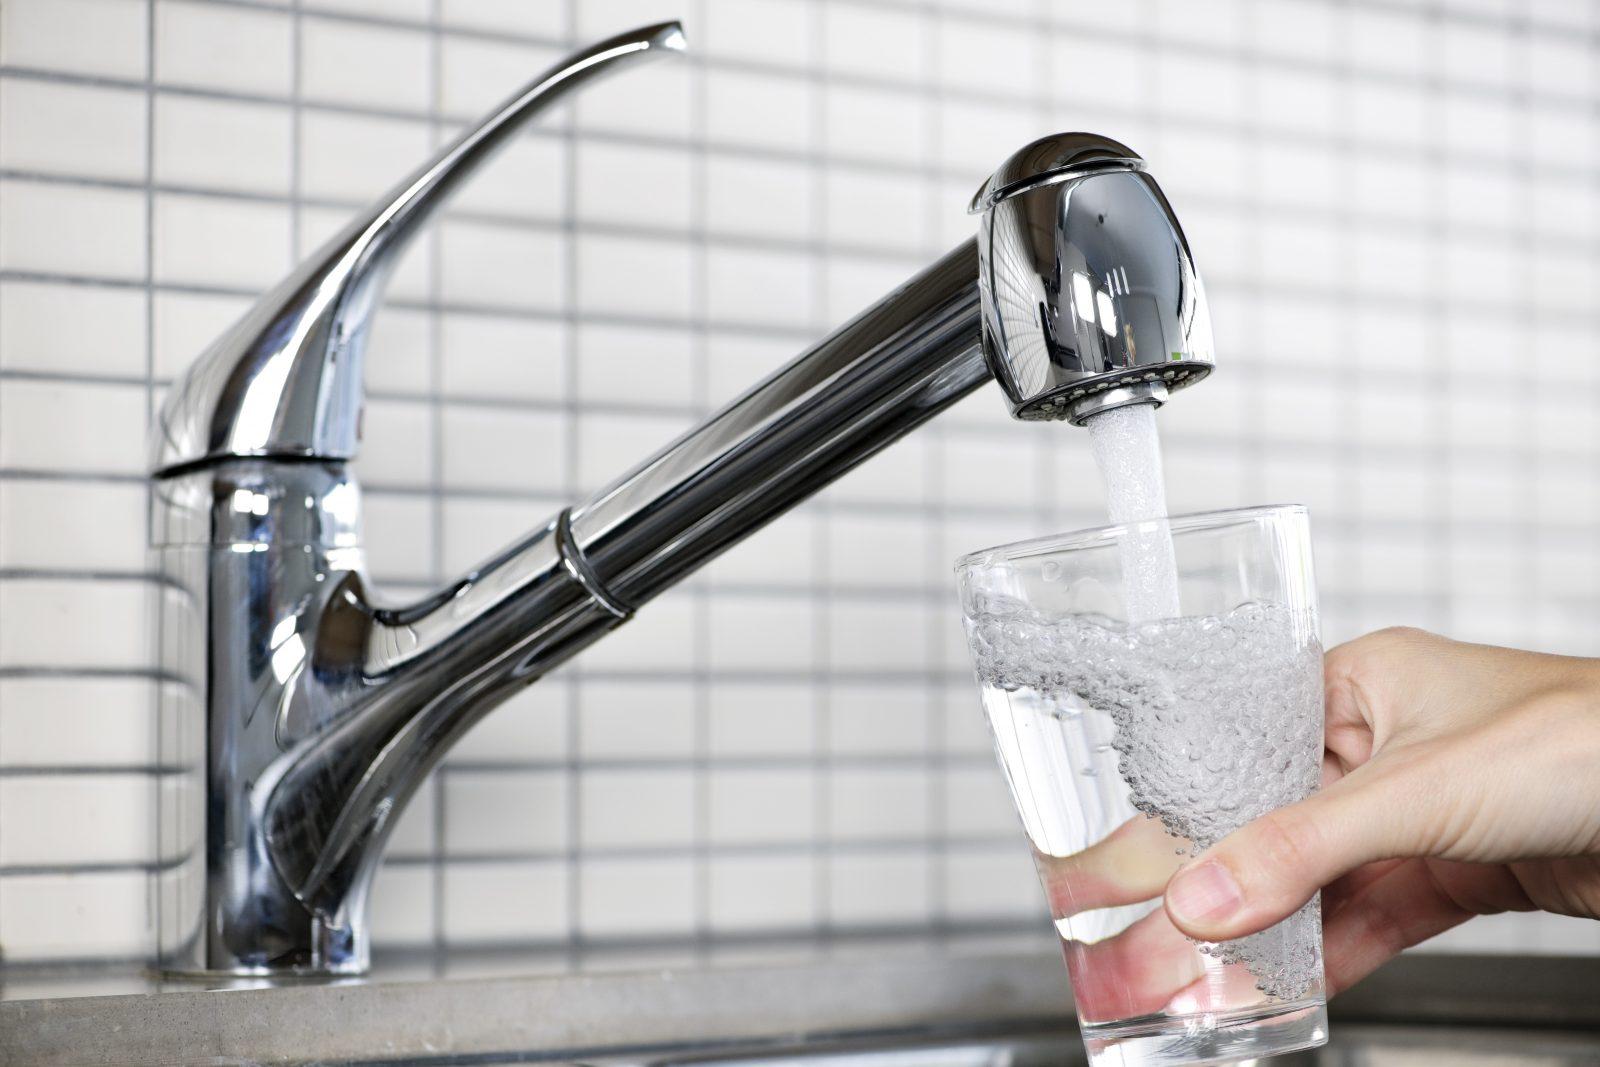 Y a-t-il du plomb dans votre eau potable?